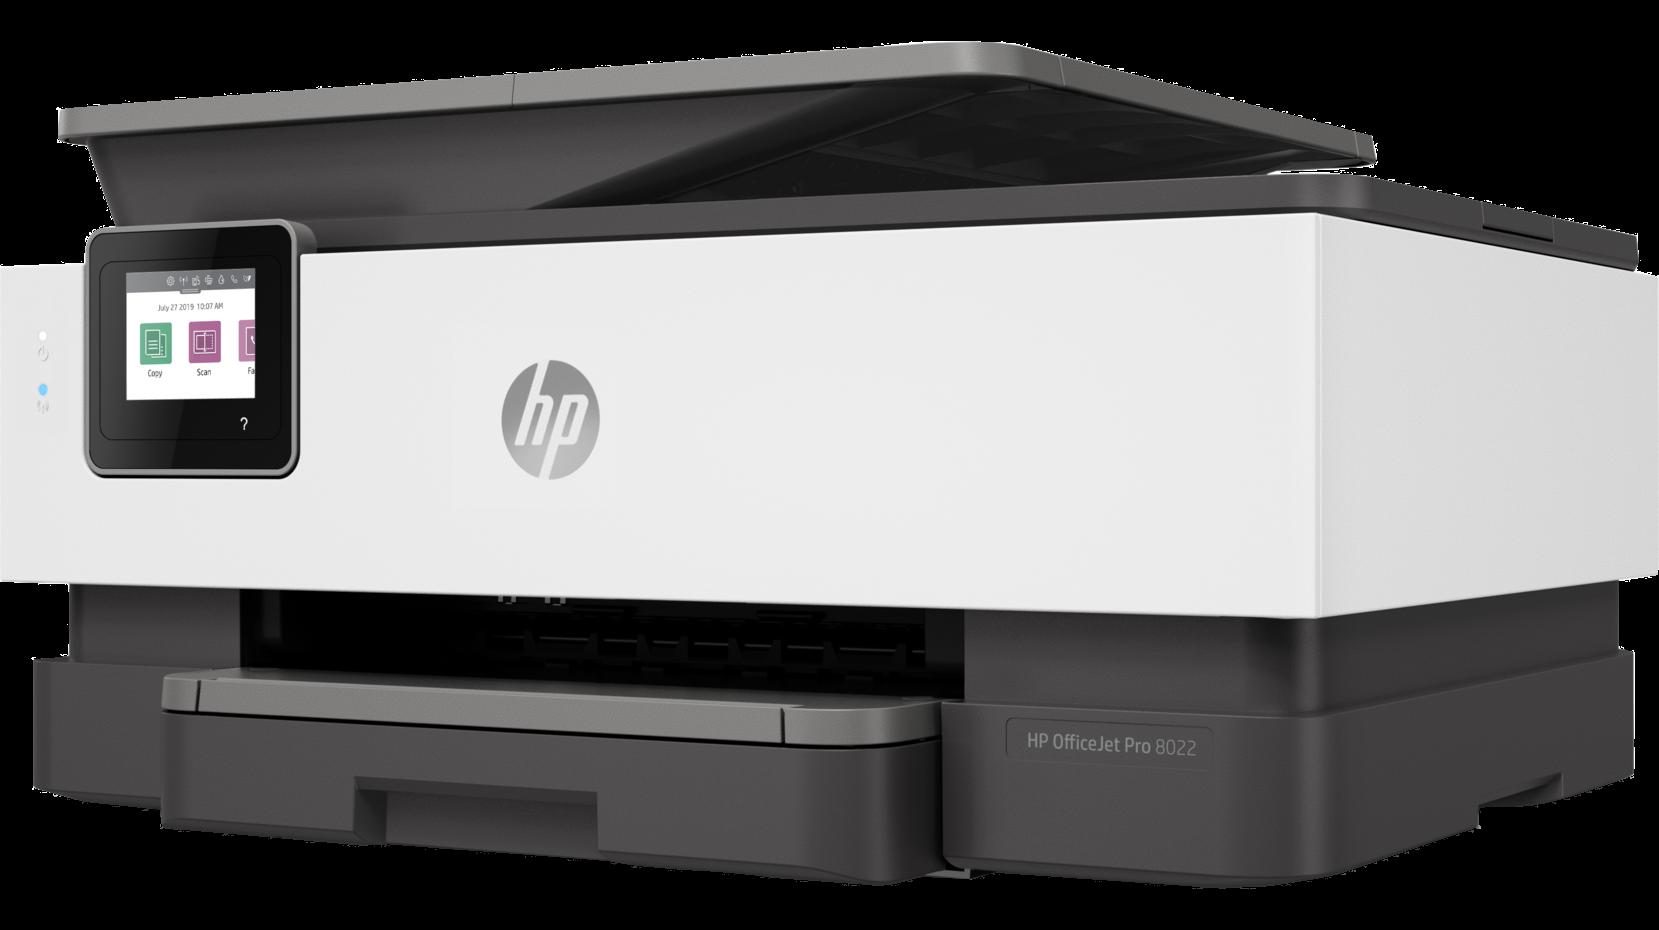 L'anima Smart delle HP Officejet Pro